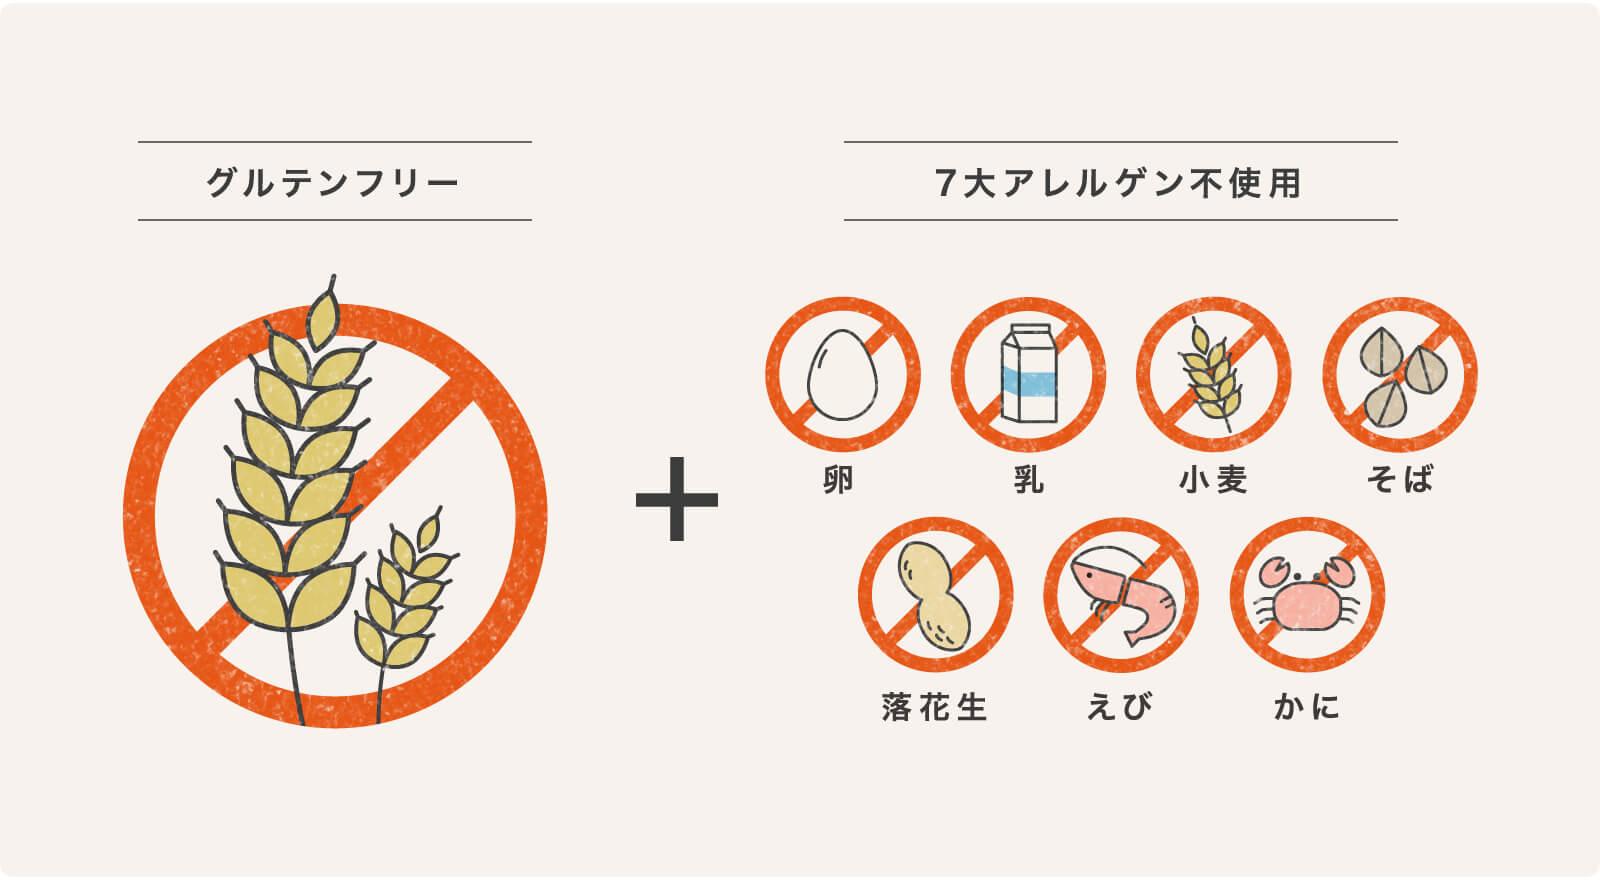 玄米100%のグルテンフリー!さらに7大アレルゲンも不使用。